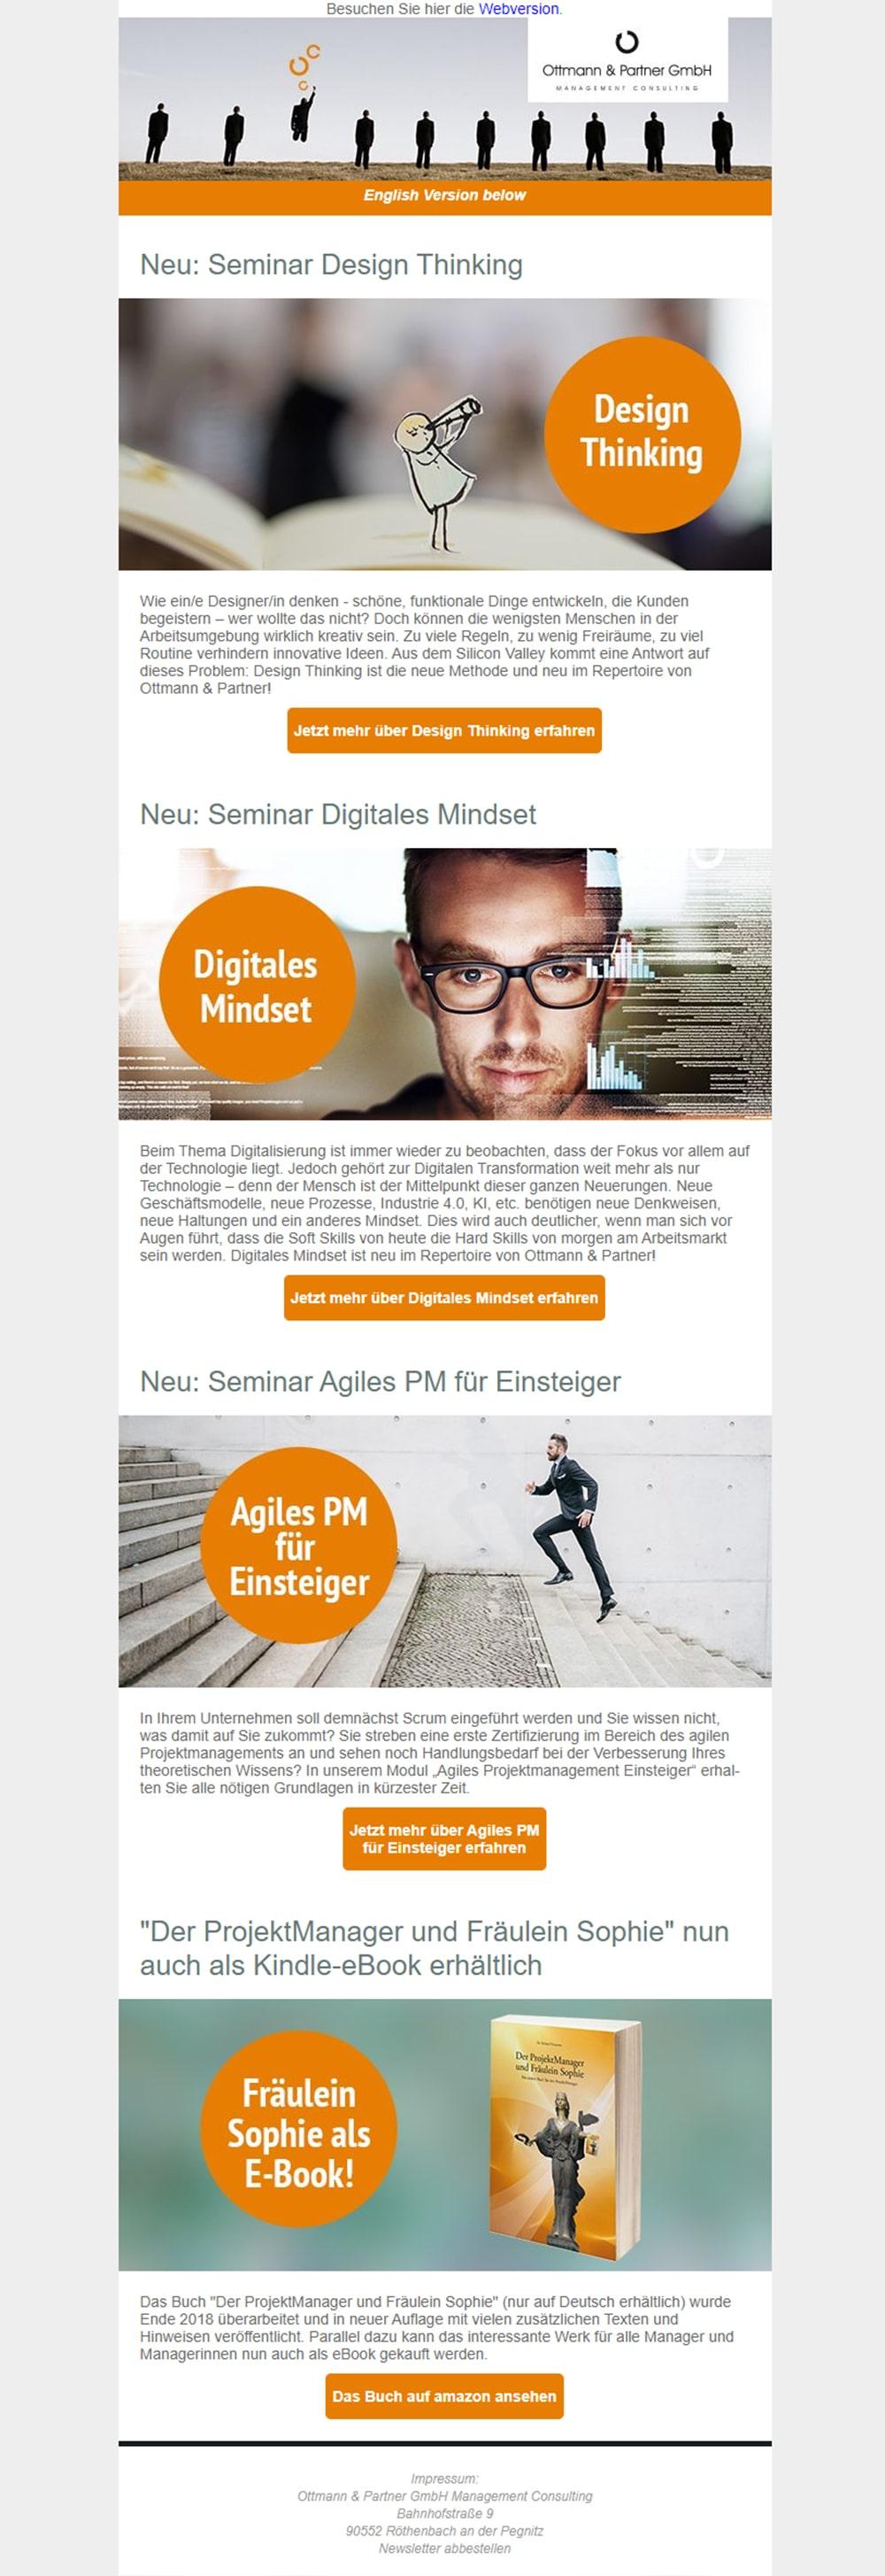 Beispiel-Newsletter für Ottmann & Partner GmbH Management Consulting